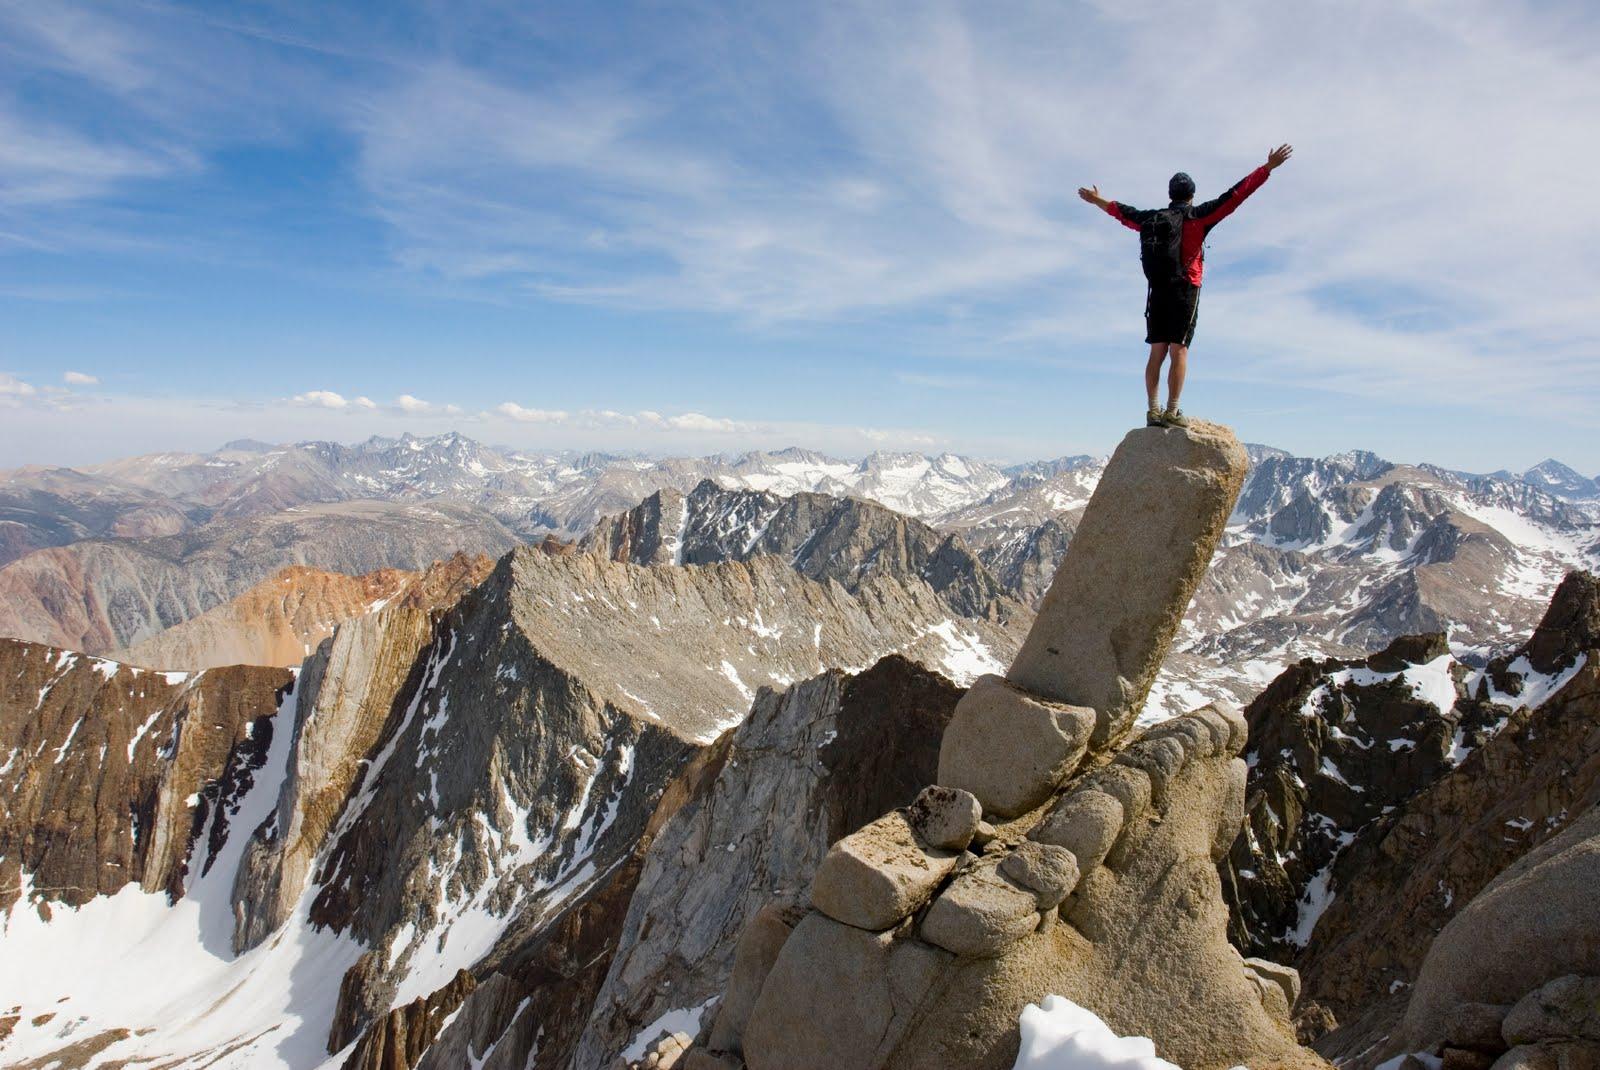 La via del del coraggio